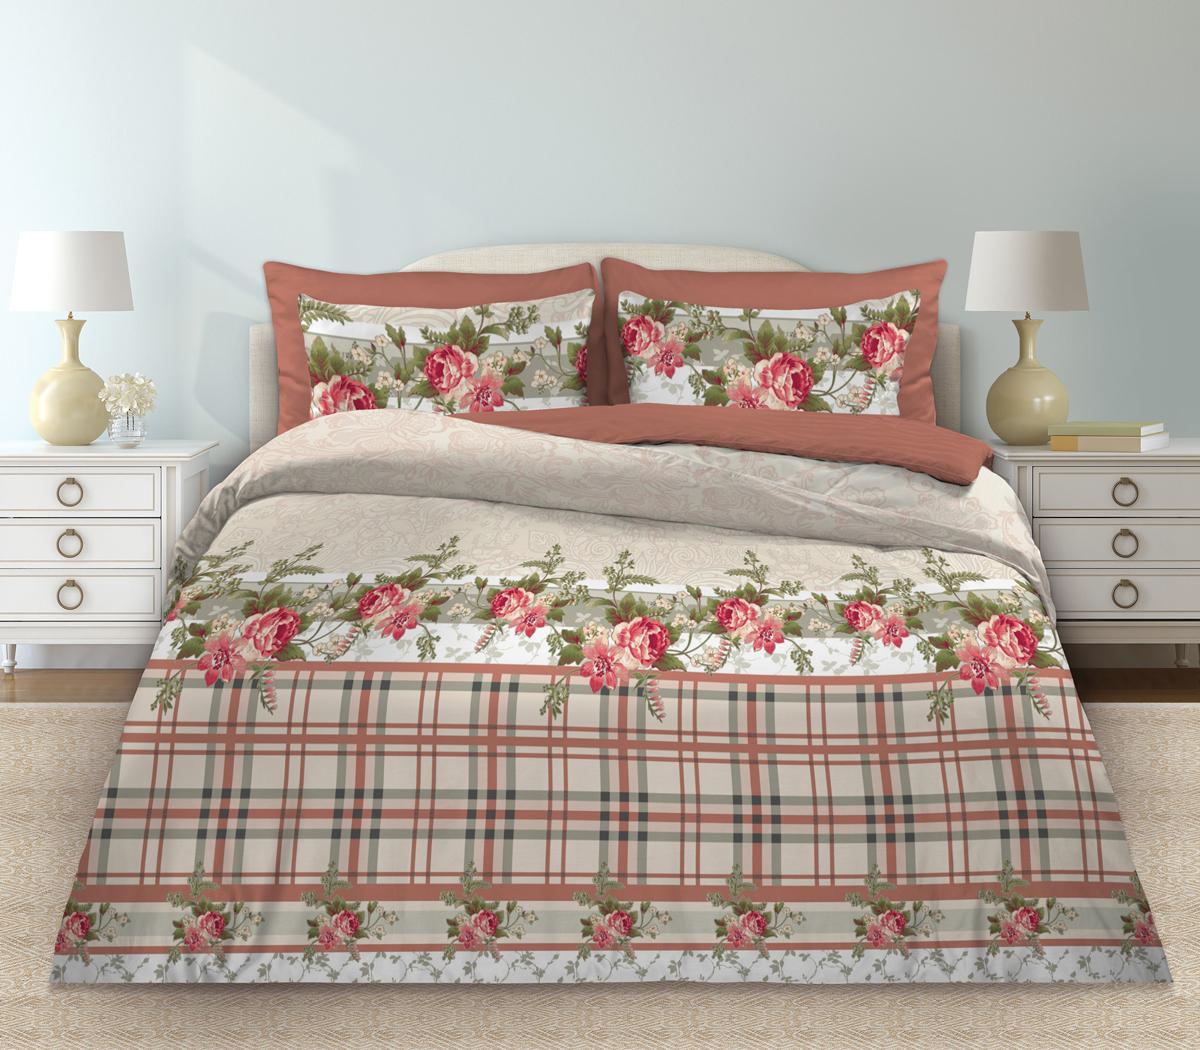 Комплект белья Любимый дом Моника, 1,5 спальное, наволочки 70 х 70, цвет: бежевый. 331095 любимый дом н70х70 моника